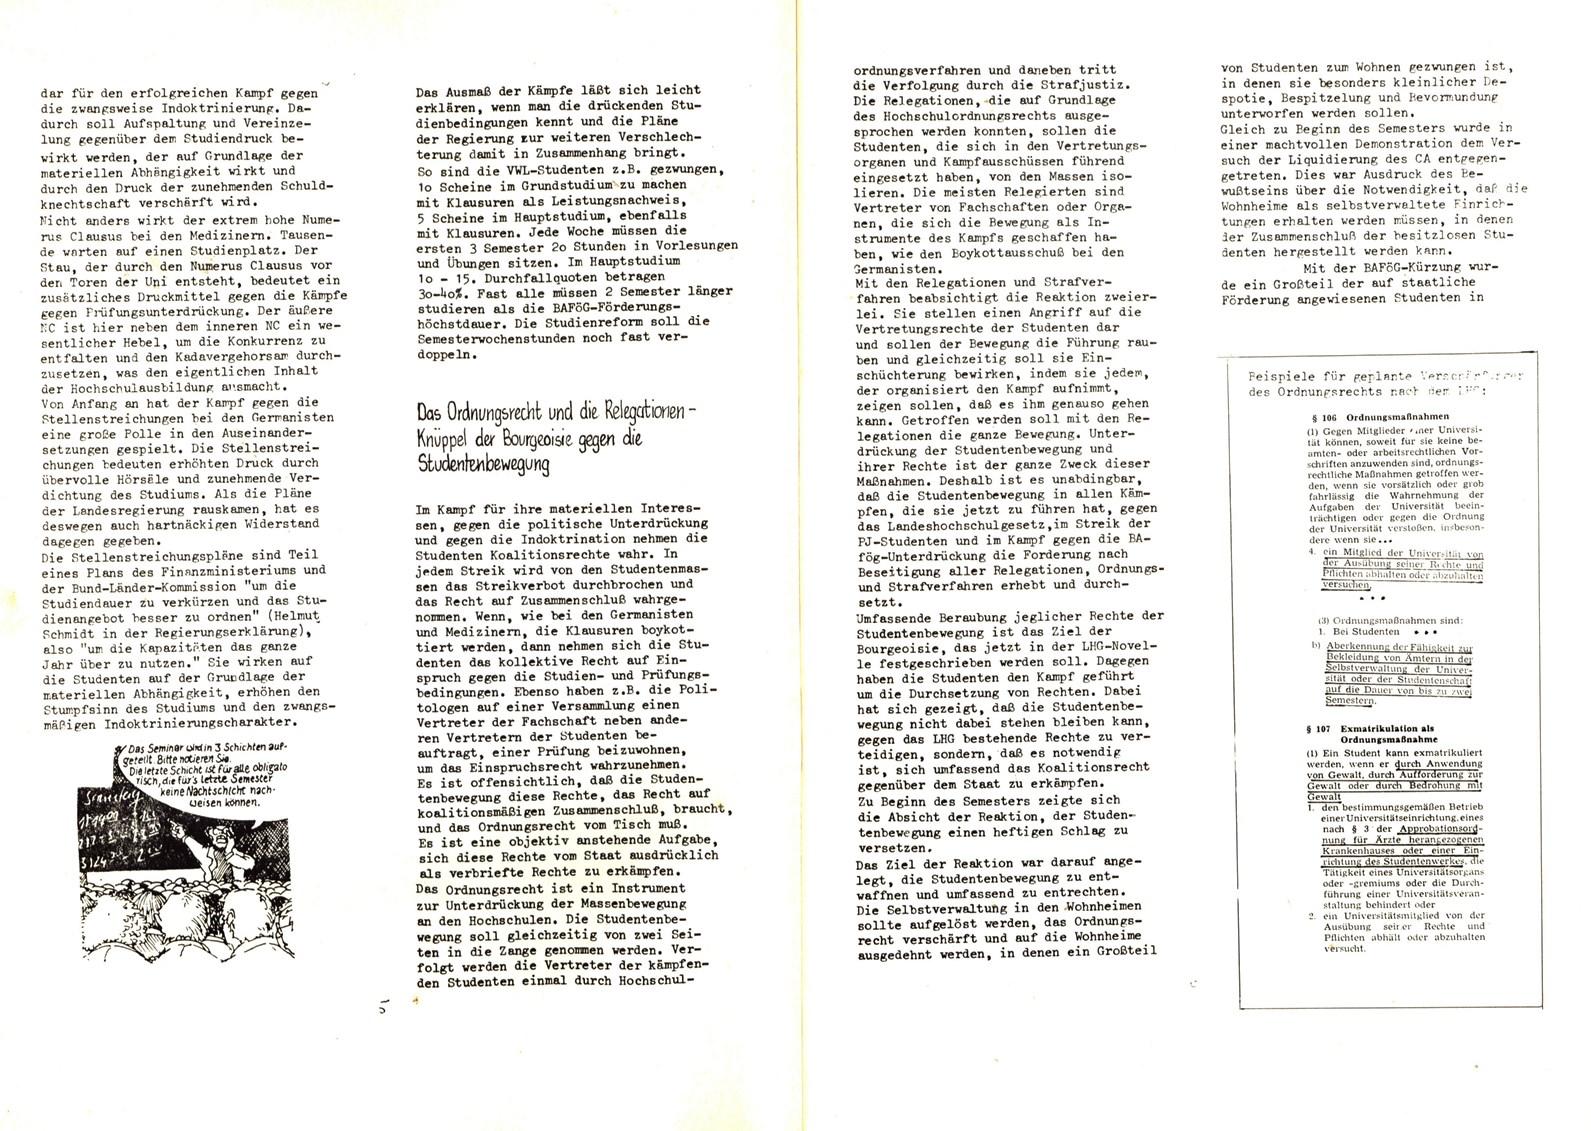 Heidelberg_KHG_1977_Chronik_WS_1976_77_04